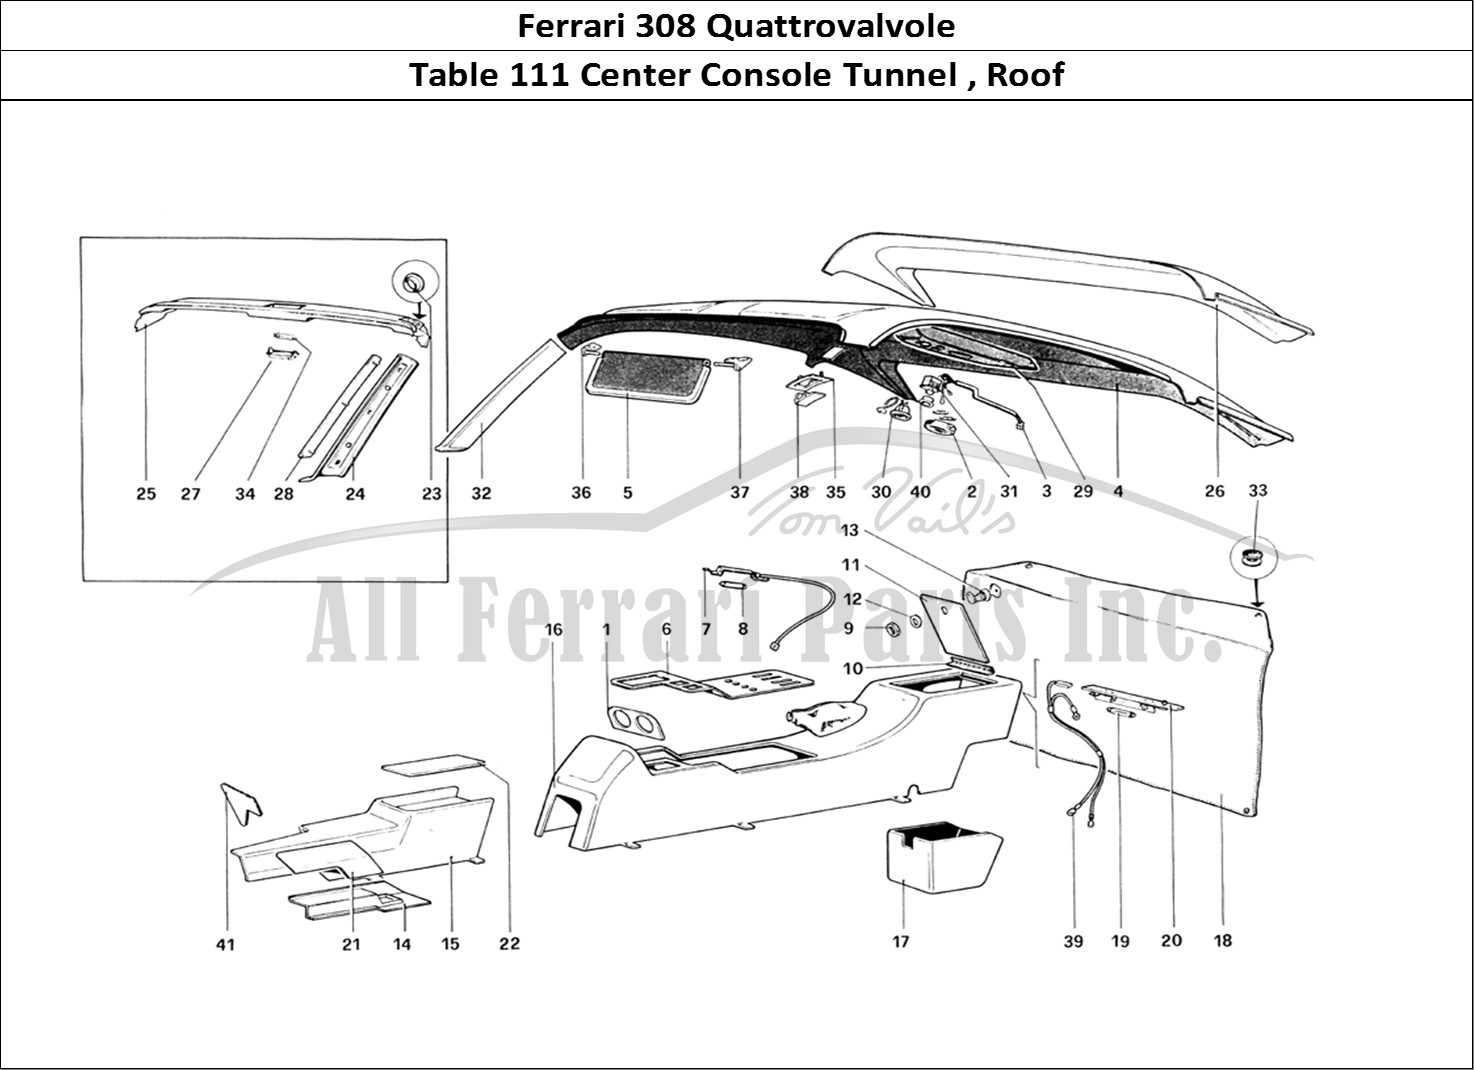 Buy Original Ferrari 308 Quattrovalvole 111 Center Console